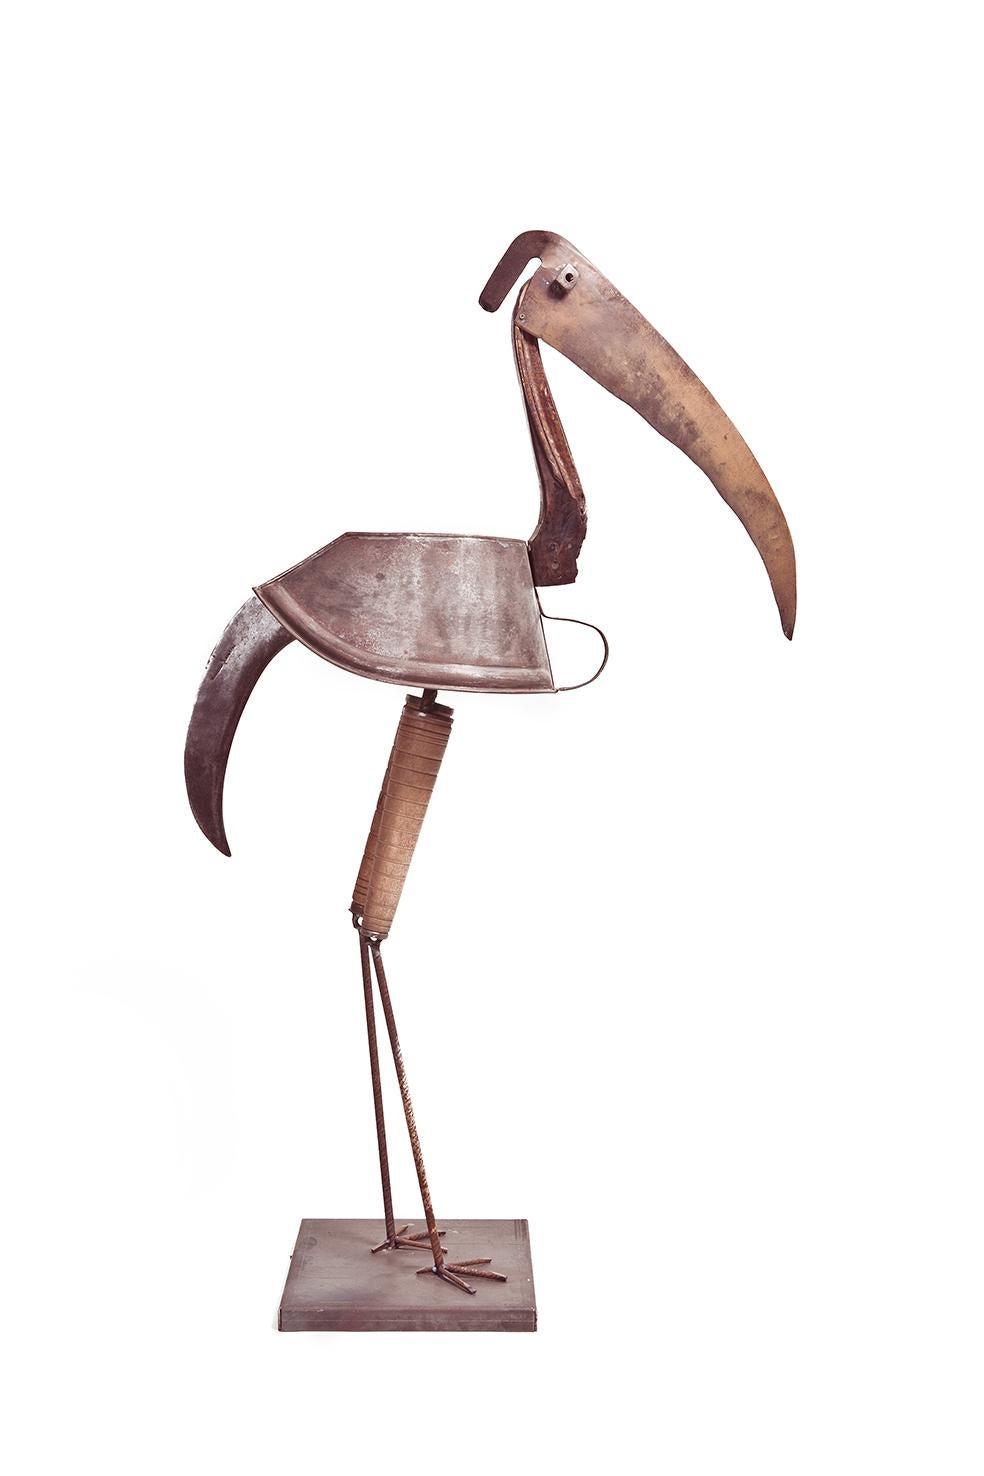 Pájaro De Bronce - 21st Century, Contemporary Sculpture, Figurative, Bronze Bird